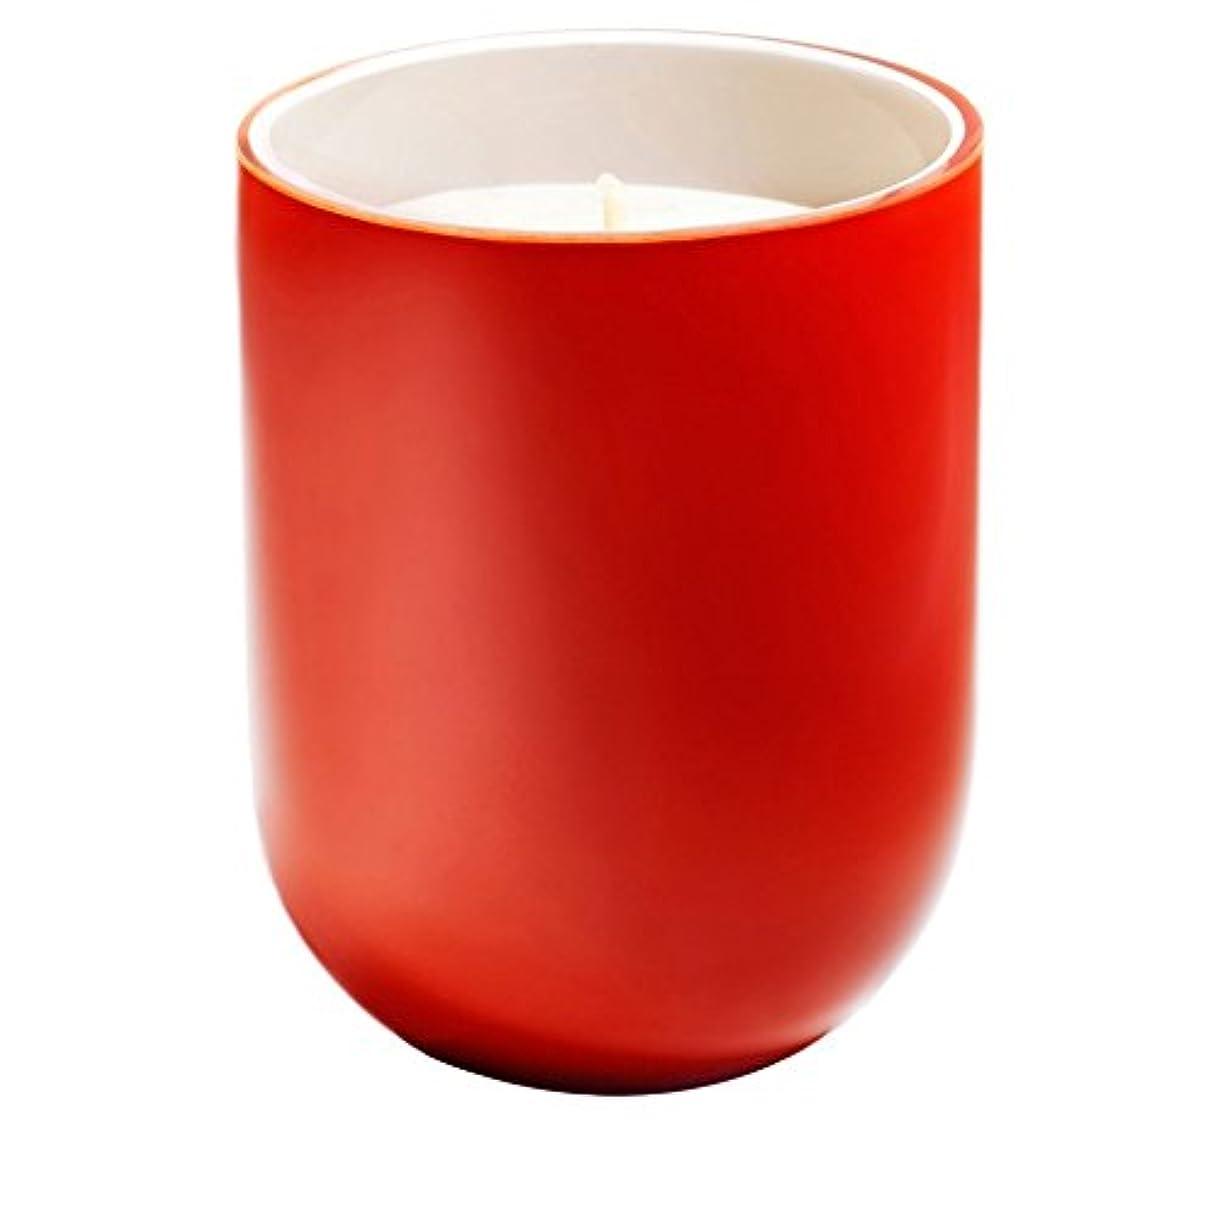 解読する保護する申請者フレデリック?マルカフェ社会の香りのキャンドル x6 - Frederic Malle Caf? Society Scented Candle (Pack of 6) [並行輸入品]